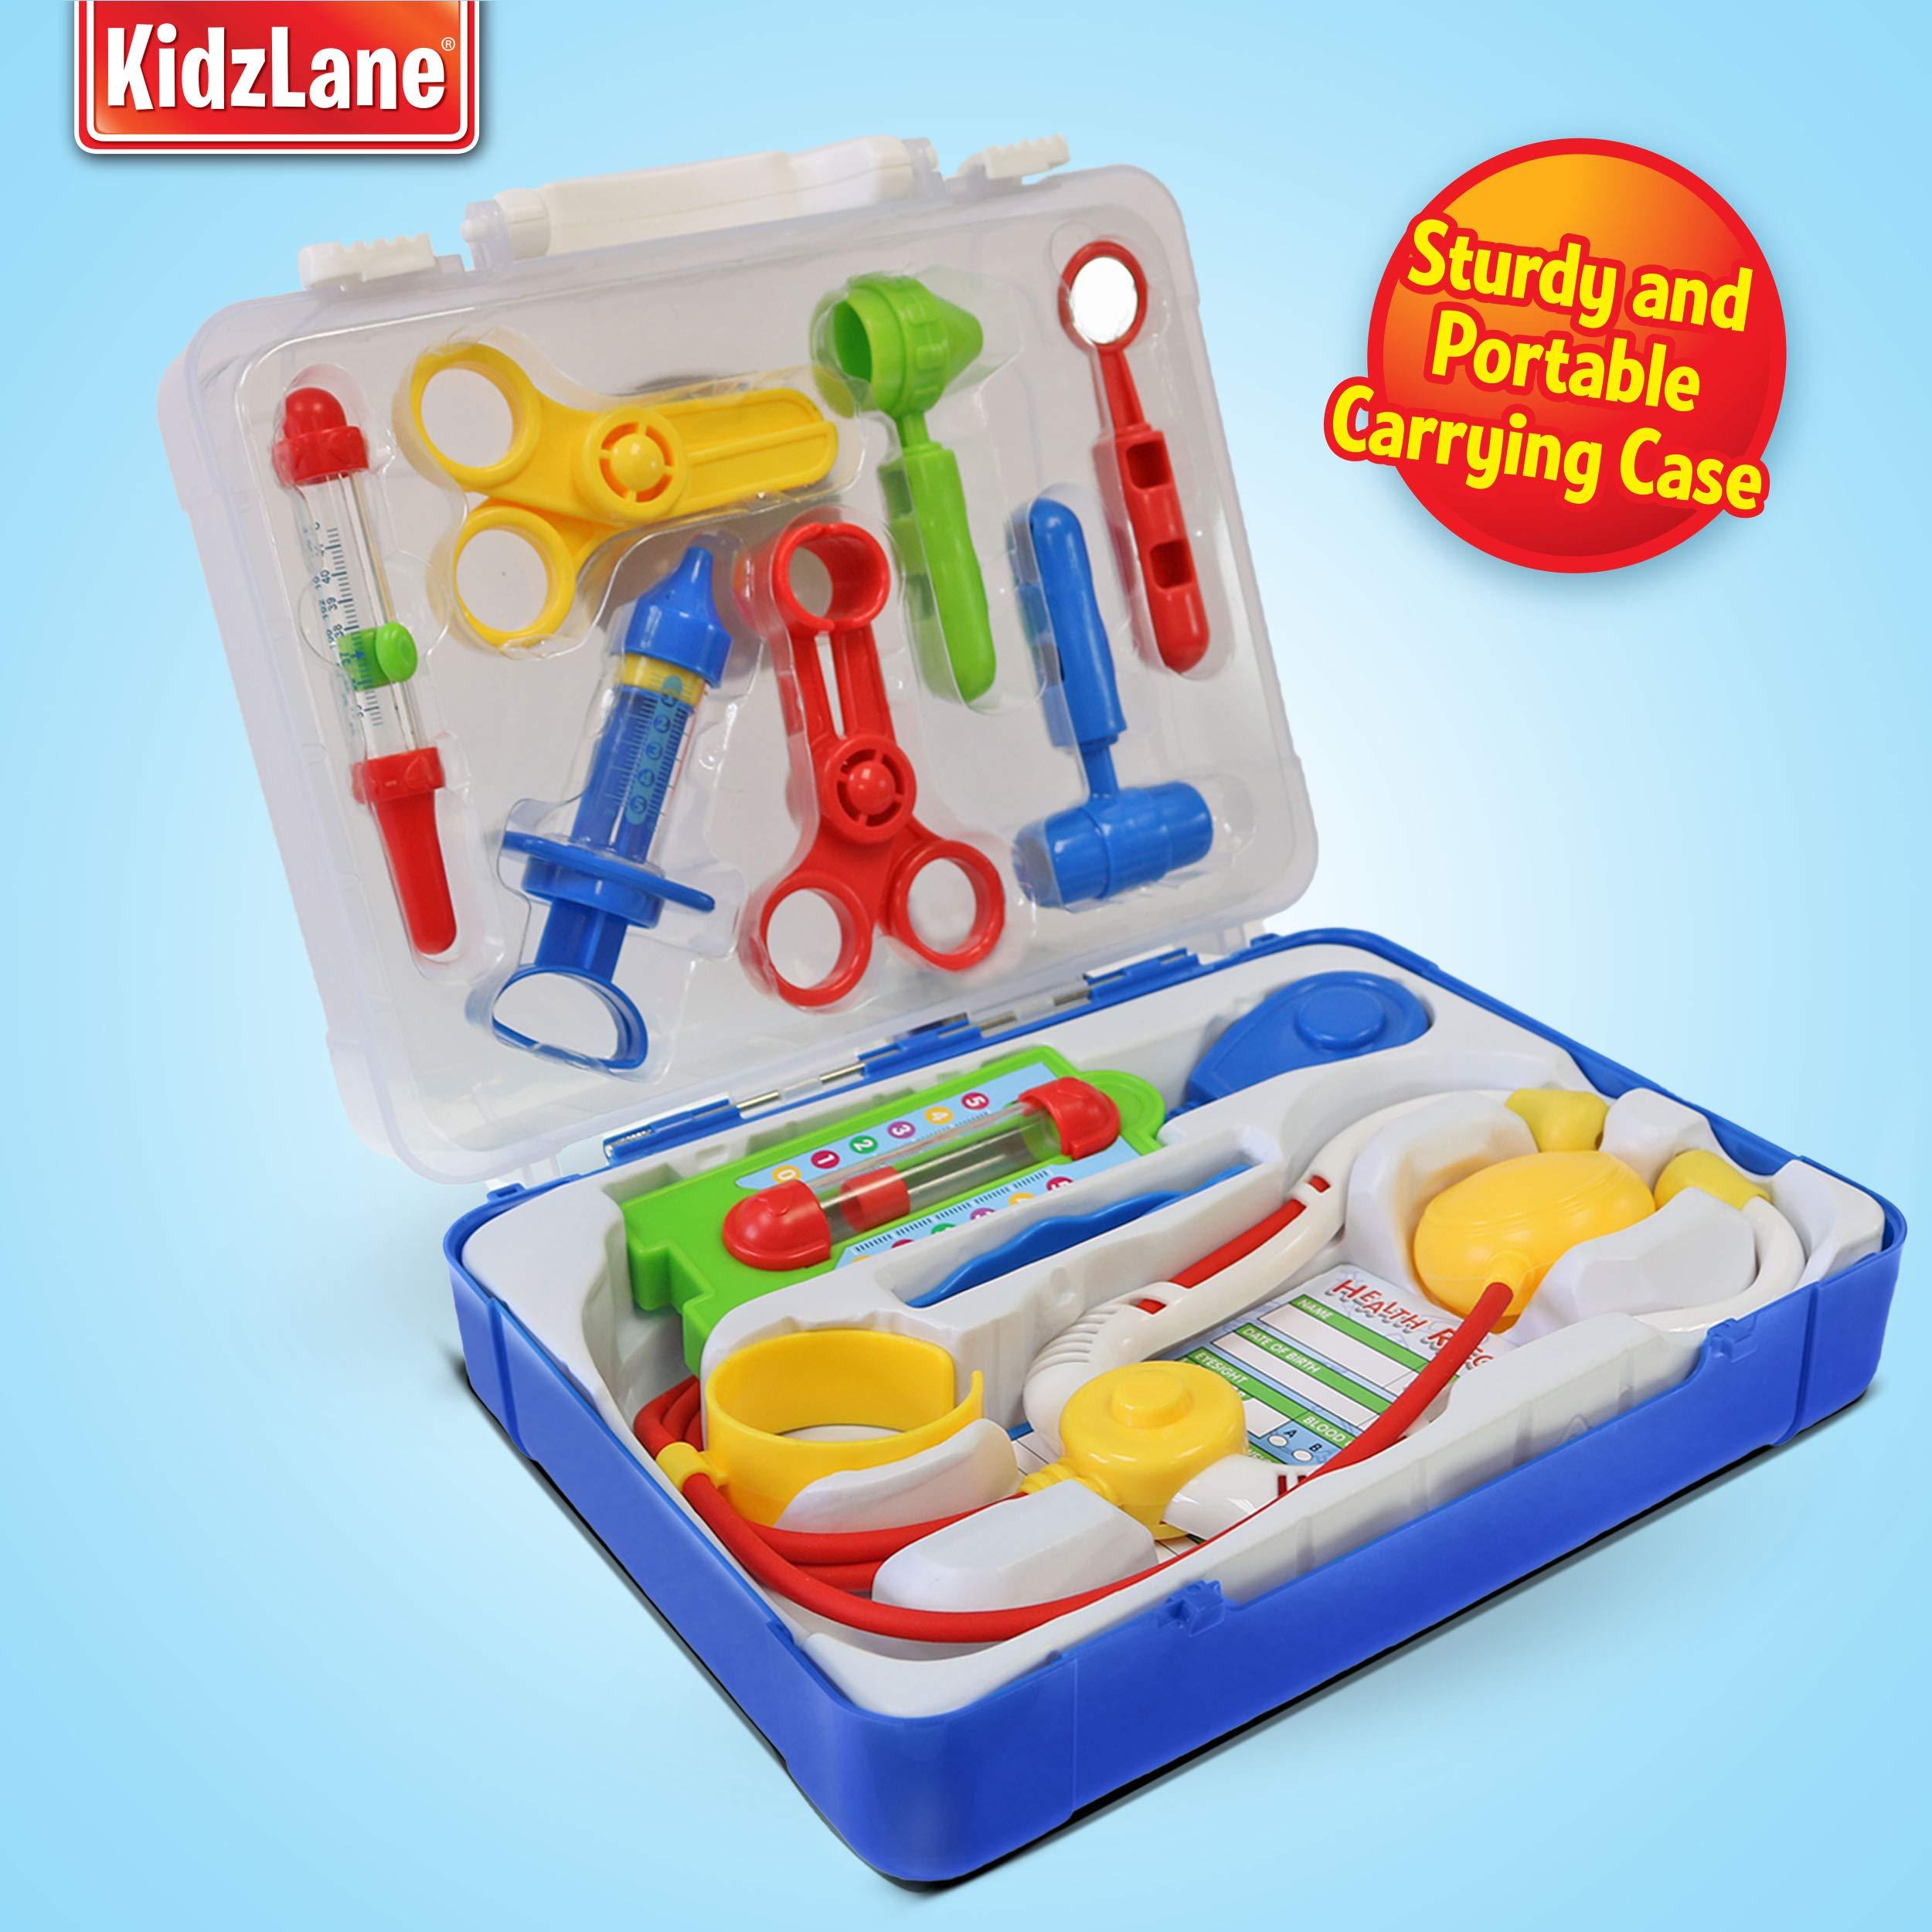 0f5c146d94e8 Kidzlane Deluxe Doctor Medical Kit - Pretend Play Set for Kids - CN-KL-0538  Doctor Kit   Medical Kits   Toys   Games - tibs